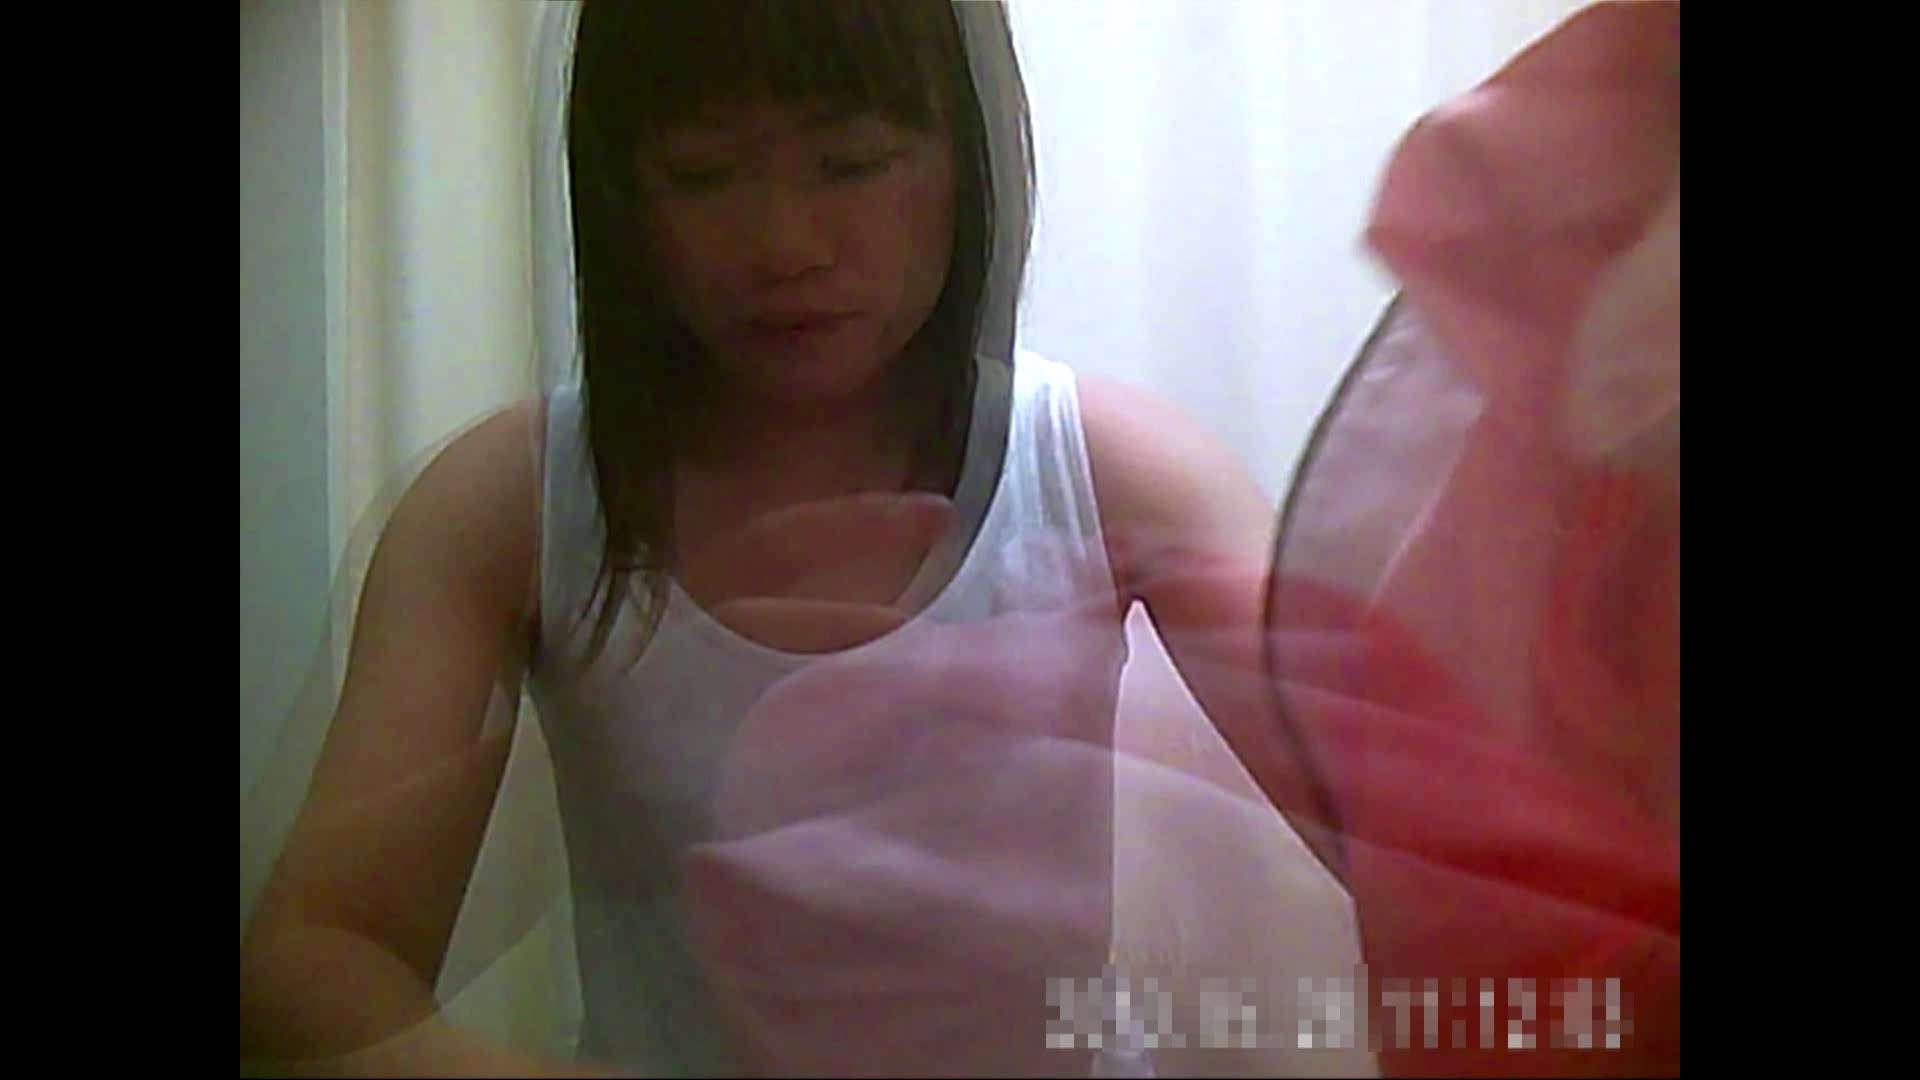 元医者による反抗 更衣室地獄絵巻 vol.042 エッチなお姉さん おめこ無修正動画無料 109画像 89